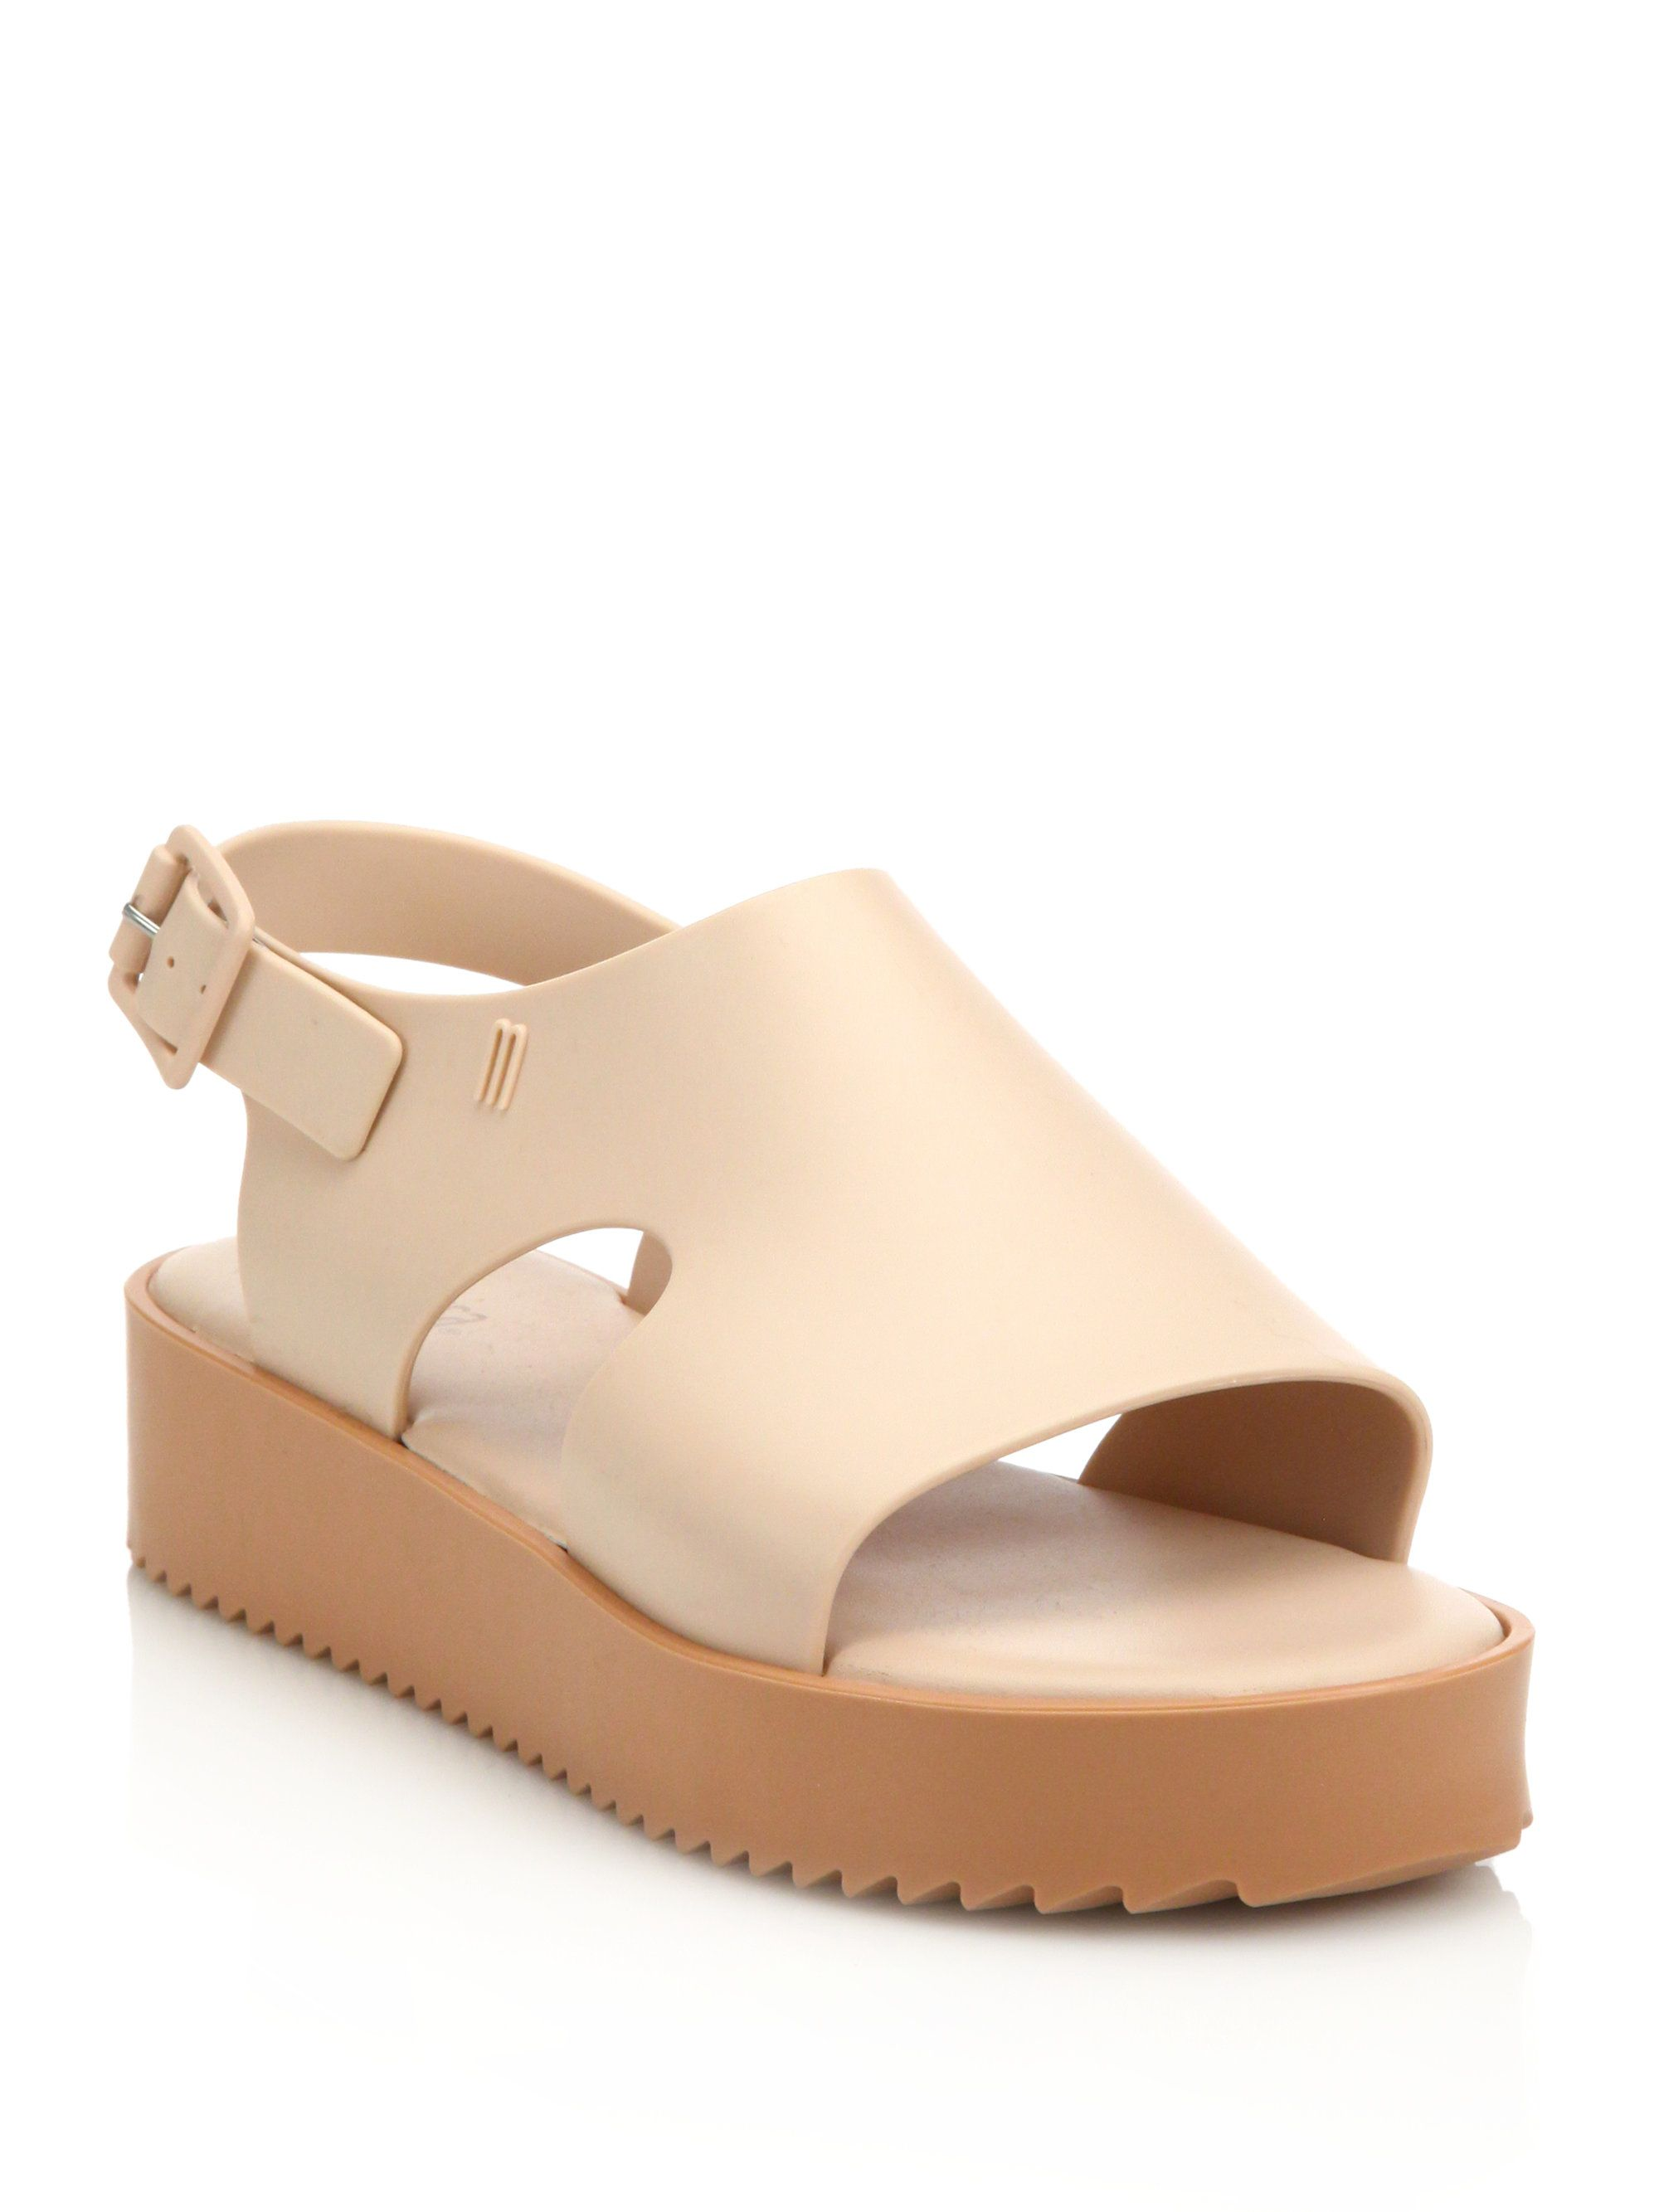 dff5f00eae525 Melissa Hotness Platform Wedge Sandals in Pink